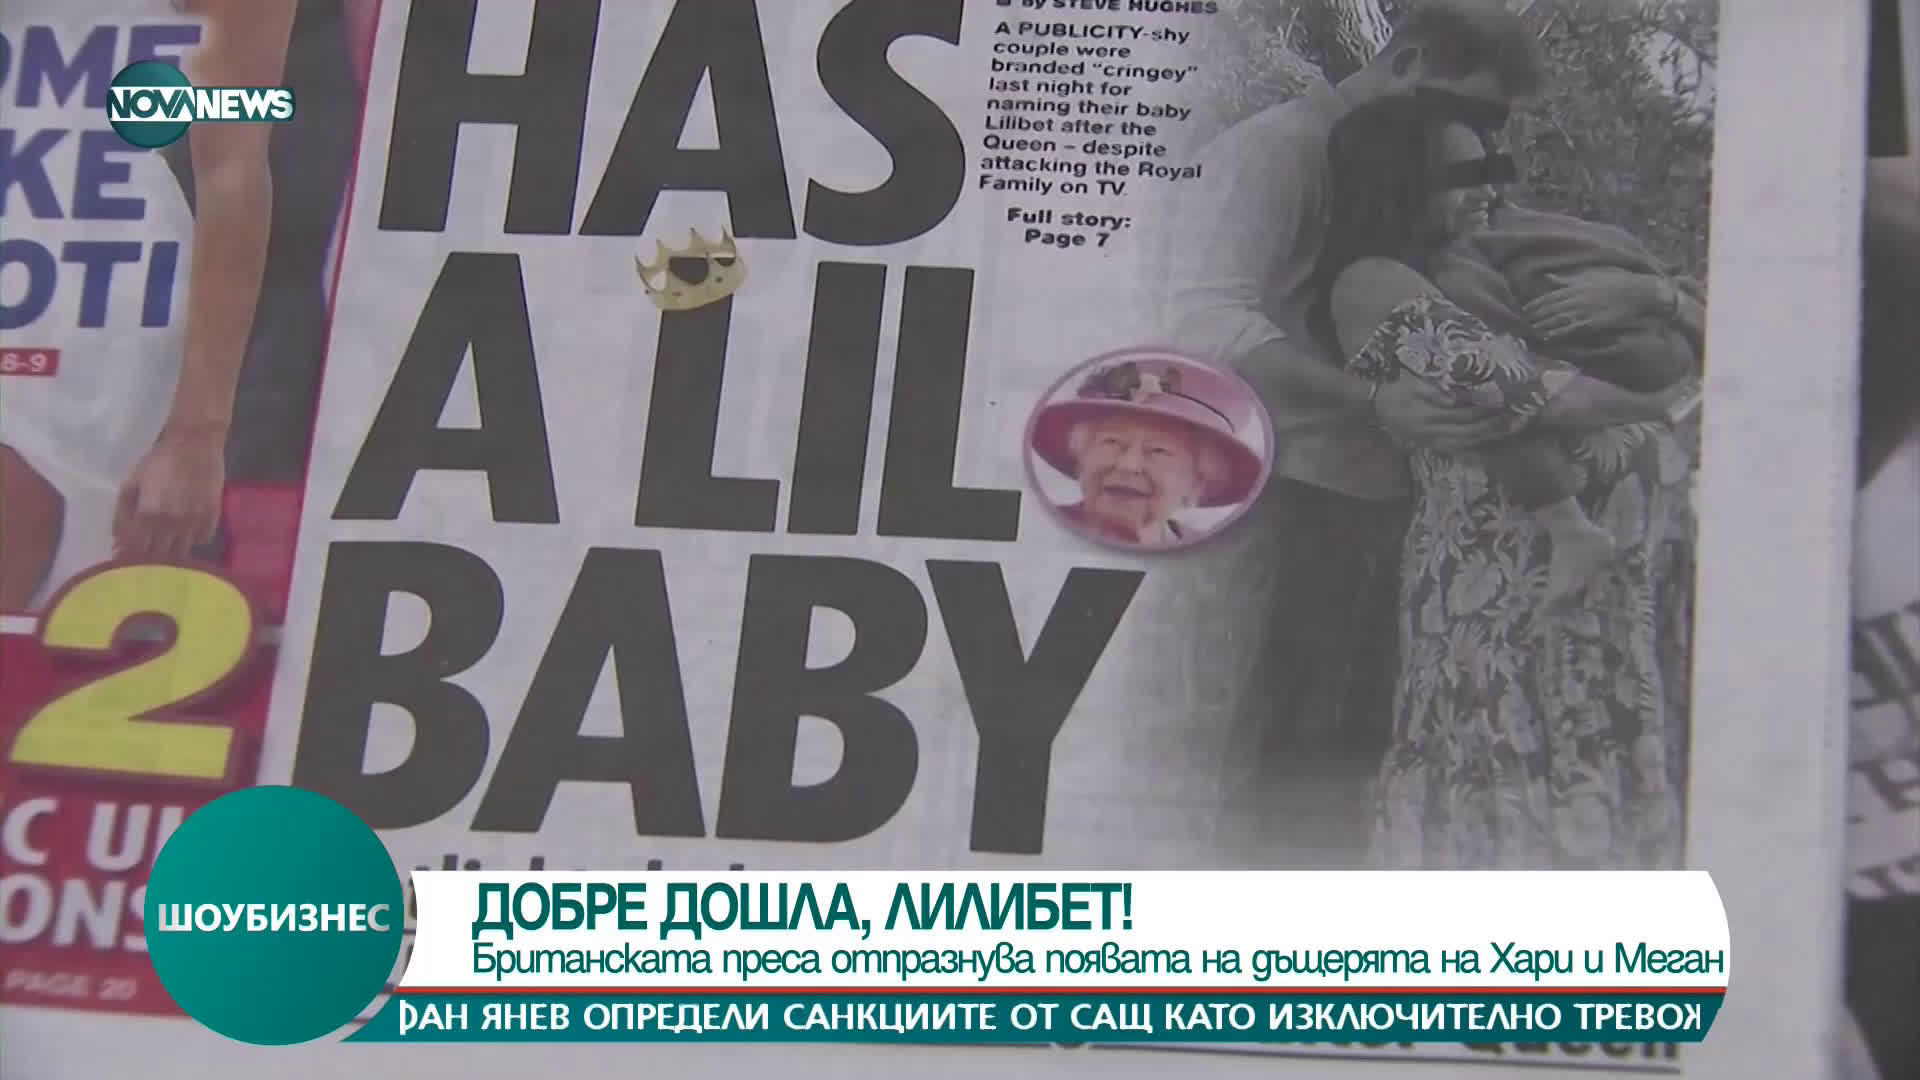 Британската преса отпразнува появата на дъщерята на Хари и Меган